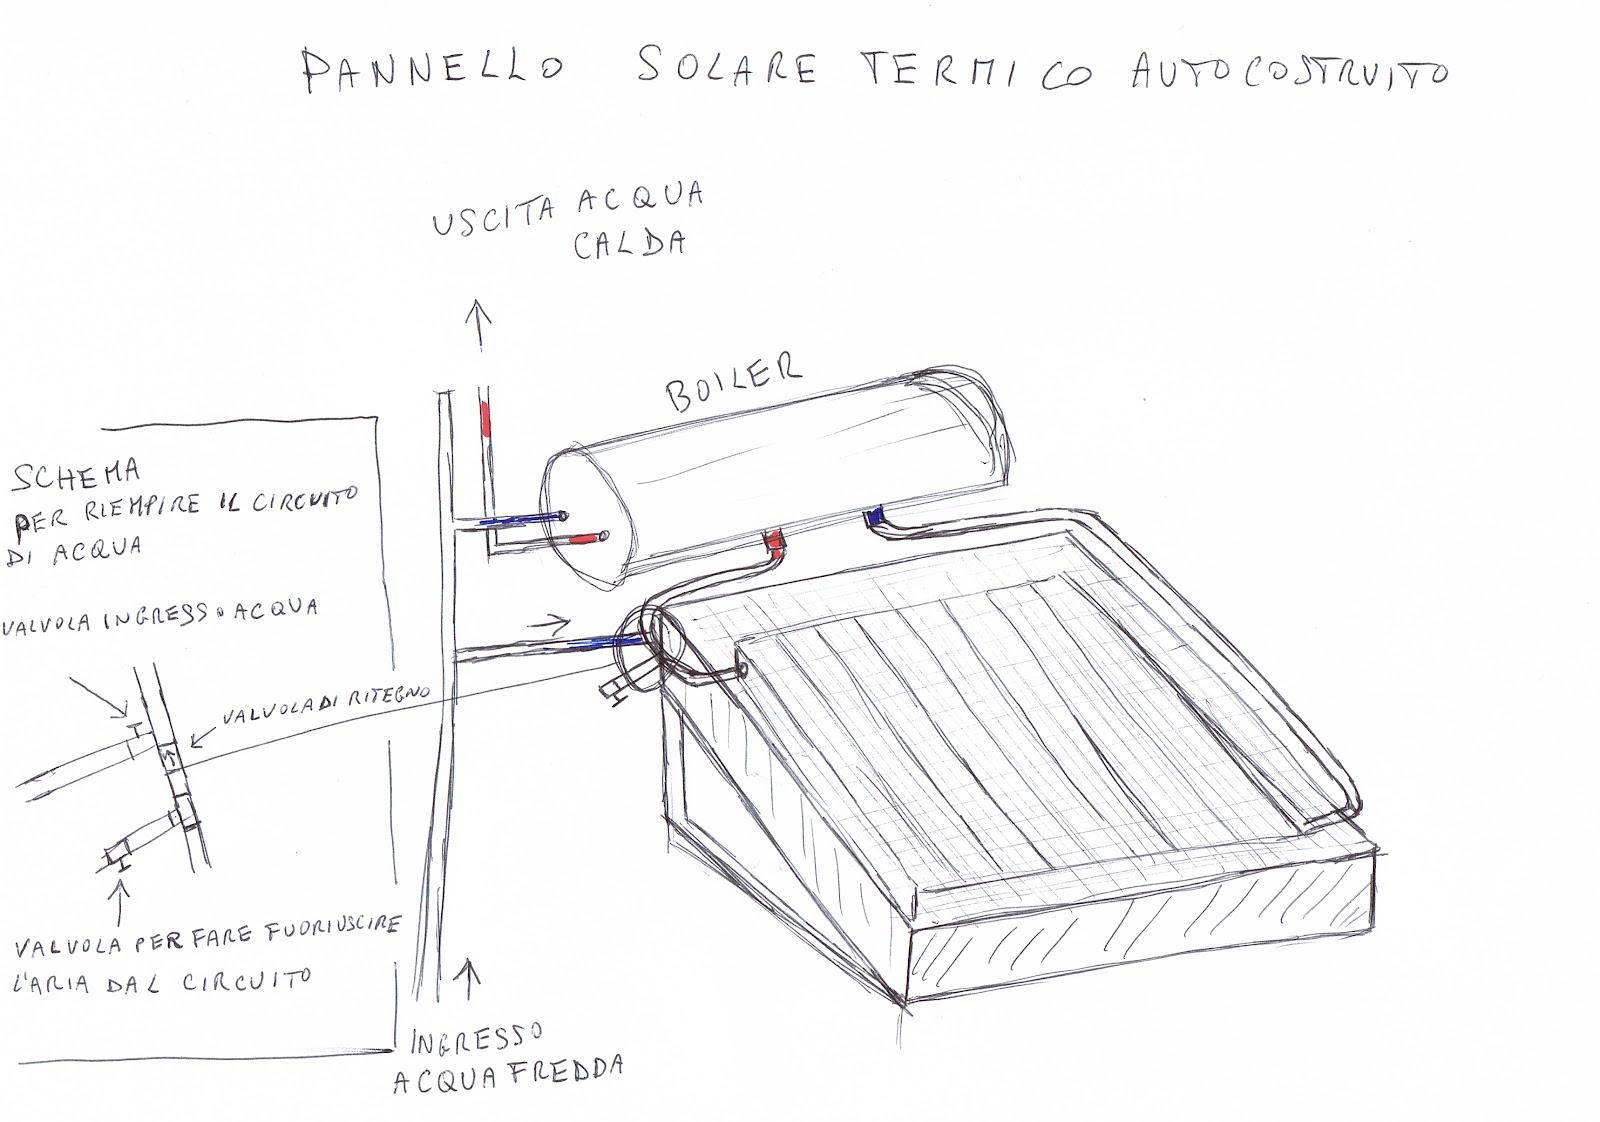 Pannello Solare Autocostruito Fai Da Te : Elettronicahobbyfaidate pannello solare termico auto